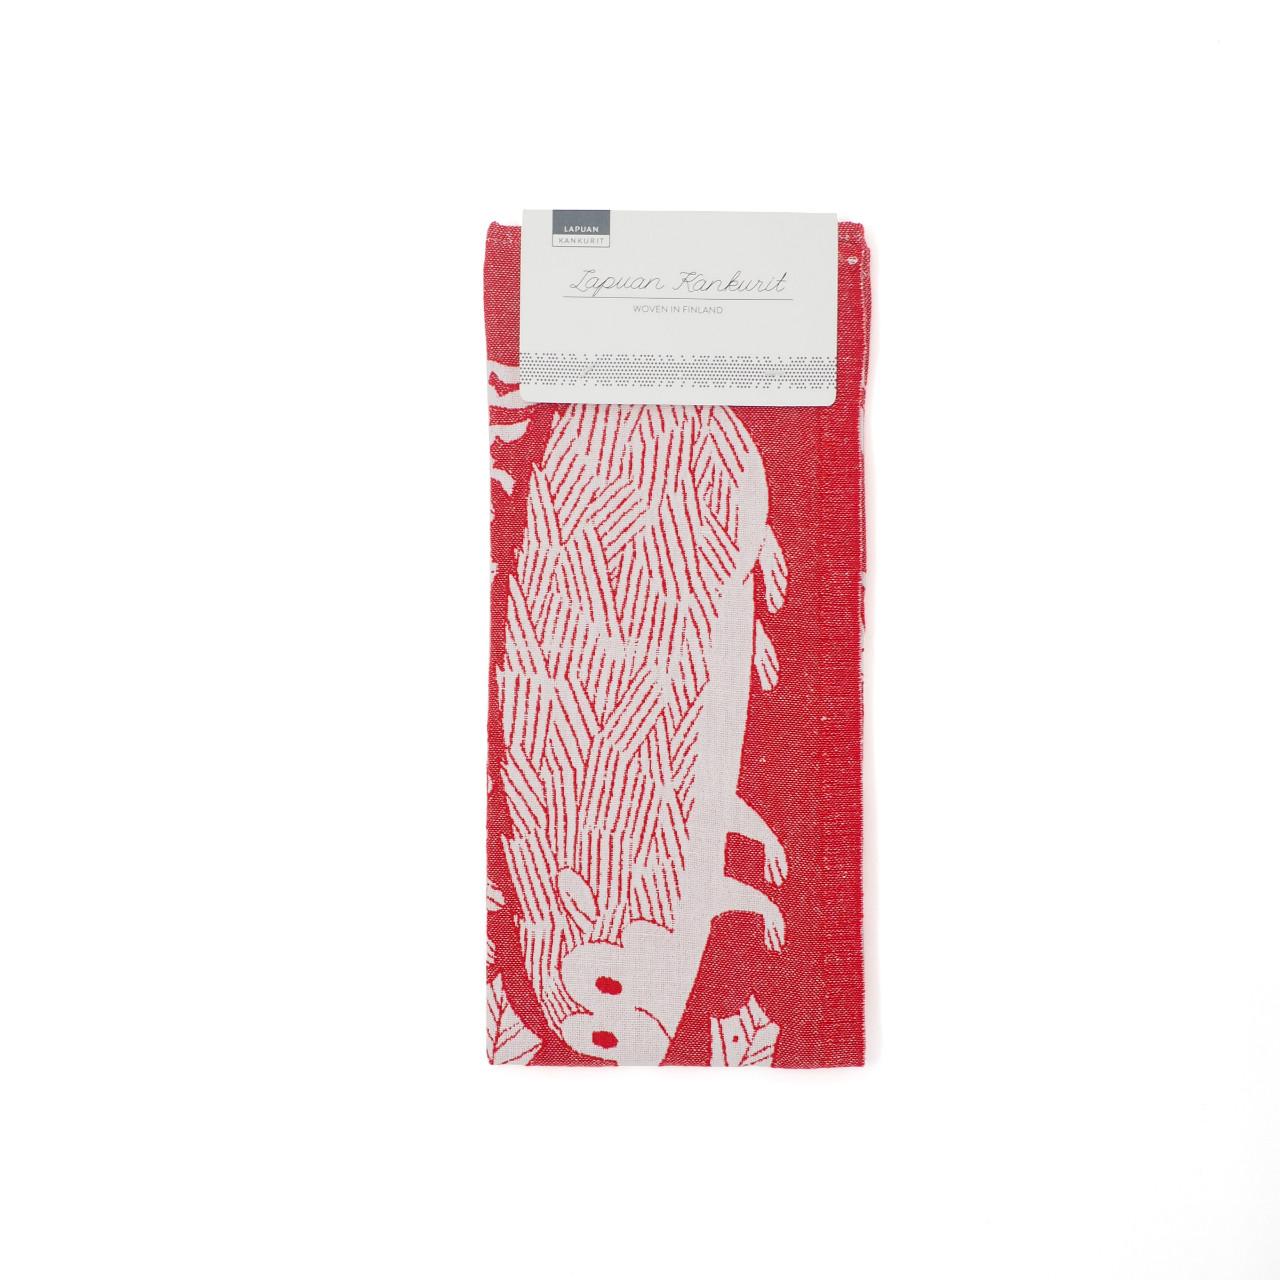 サムネイル:ラプアン カンクリ SIILI towel